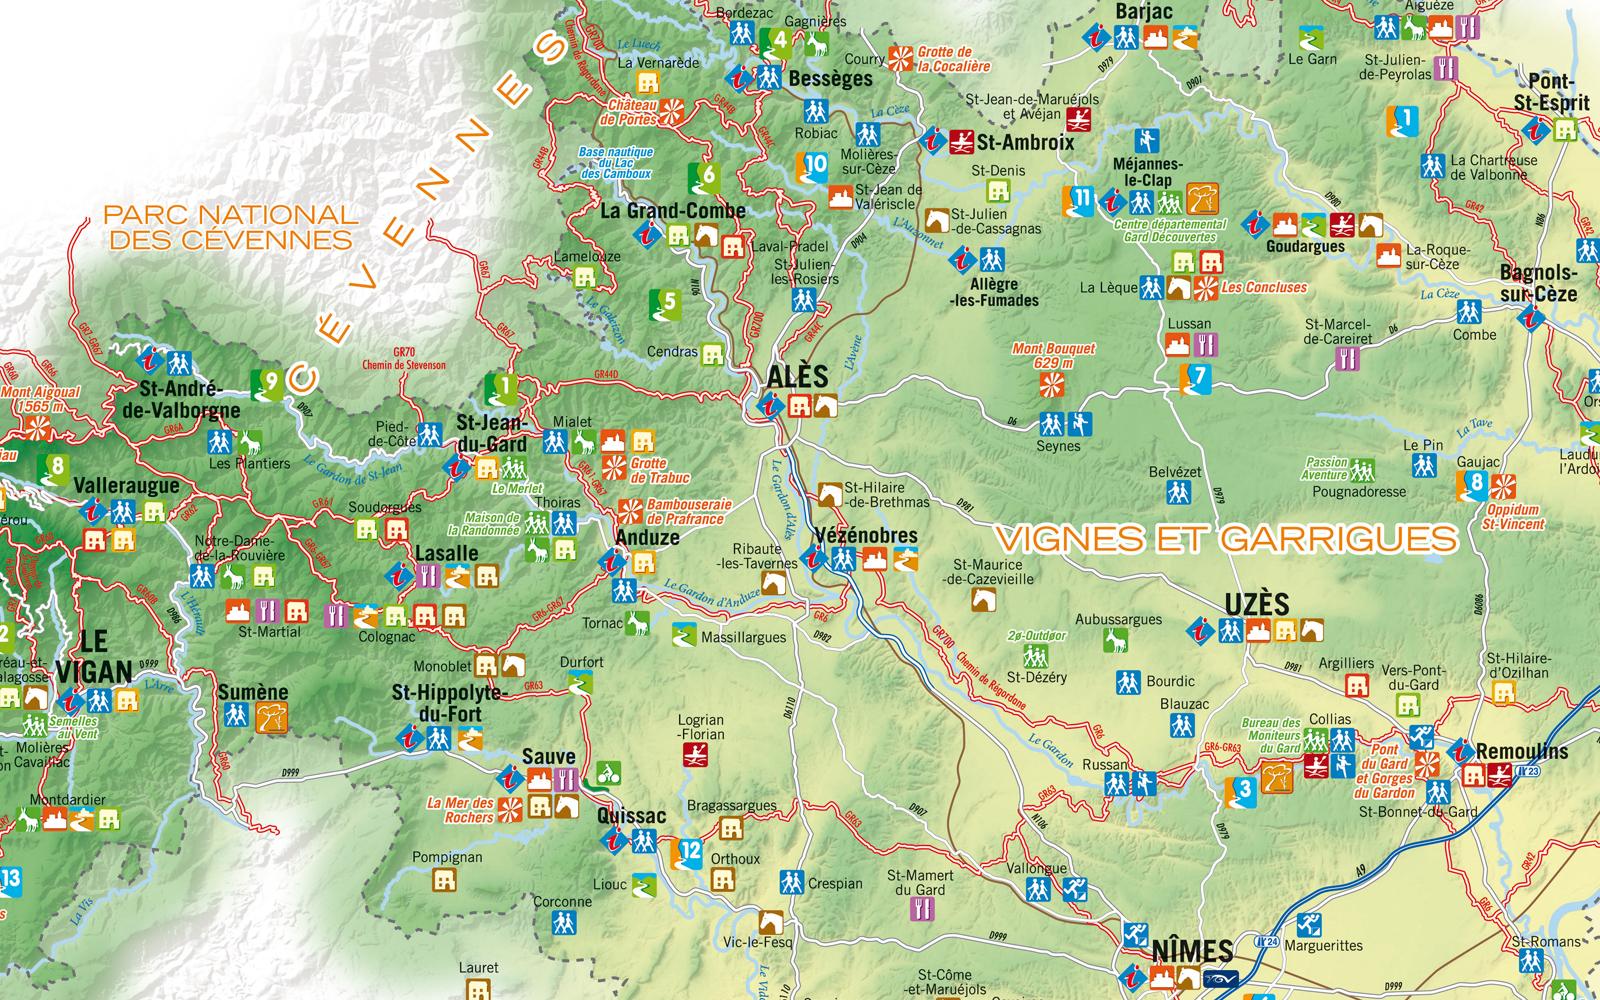 Info carte du gard touristique for Carte touristique